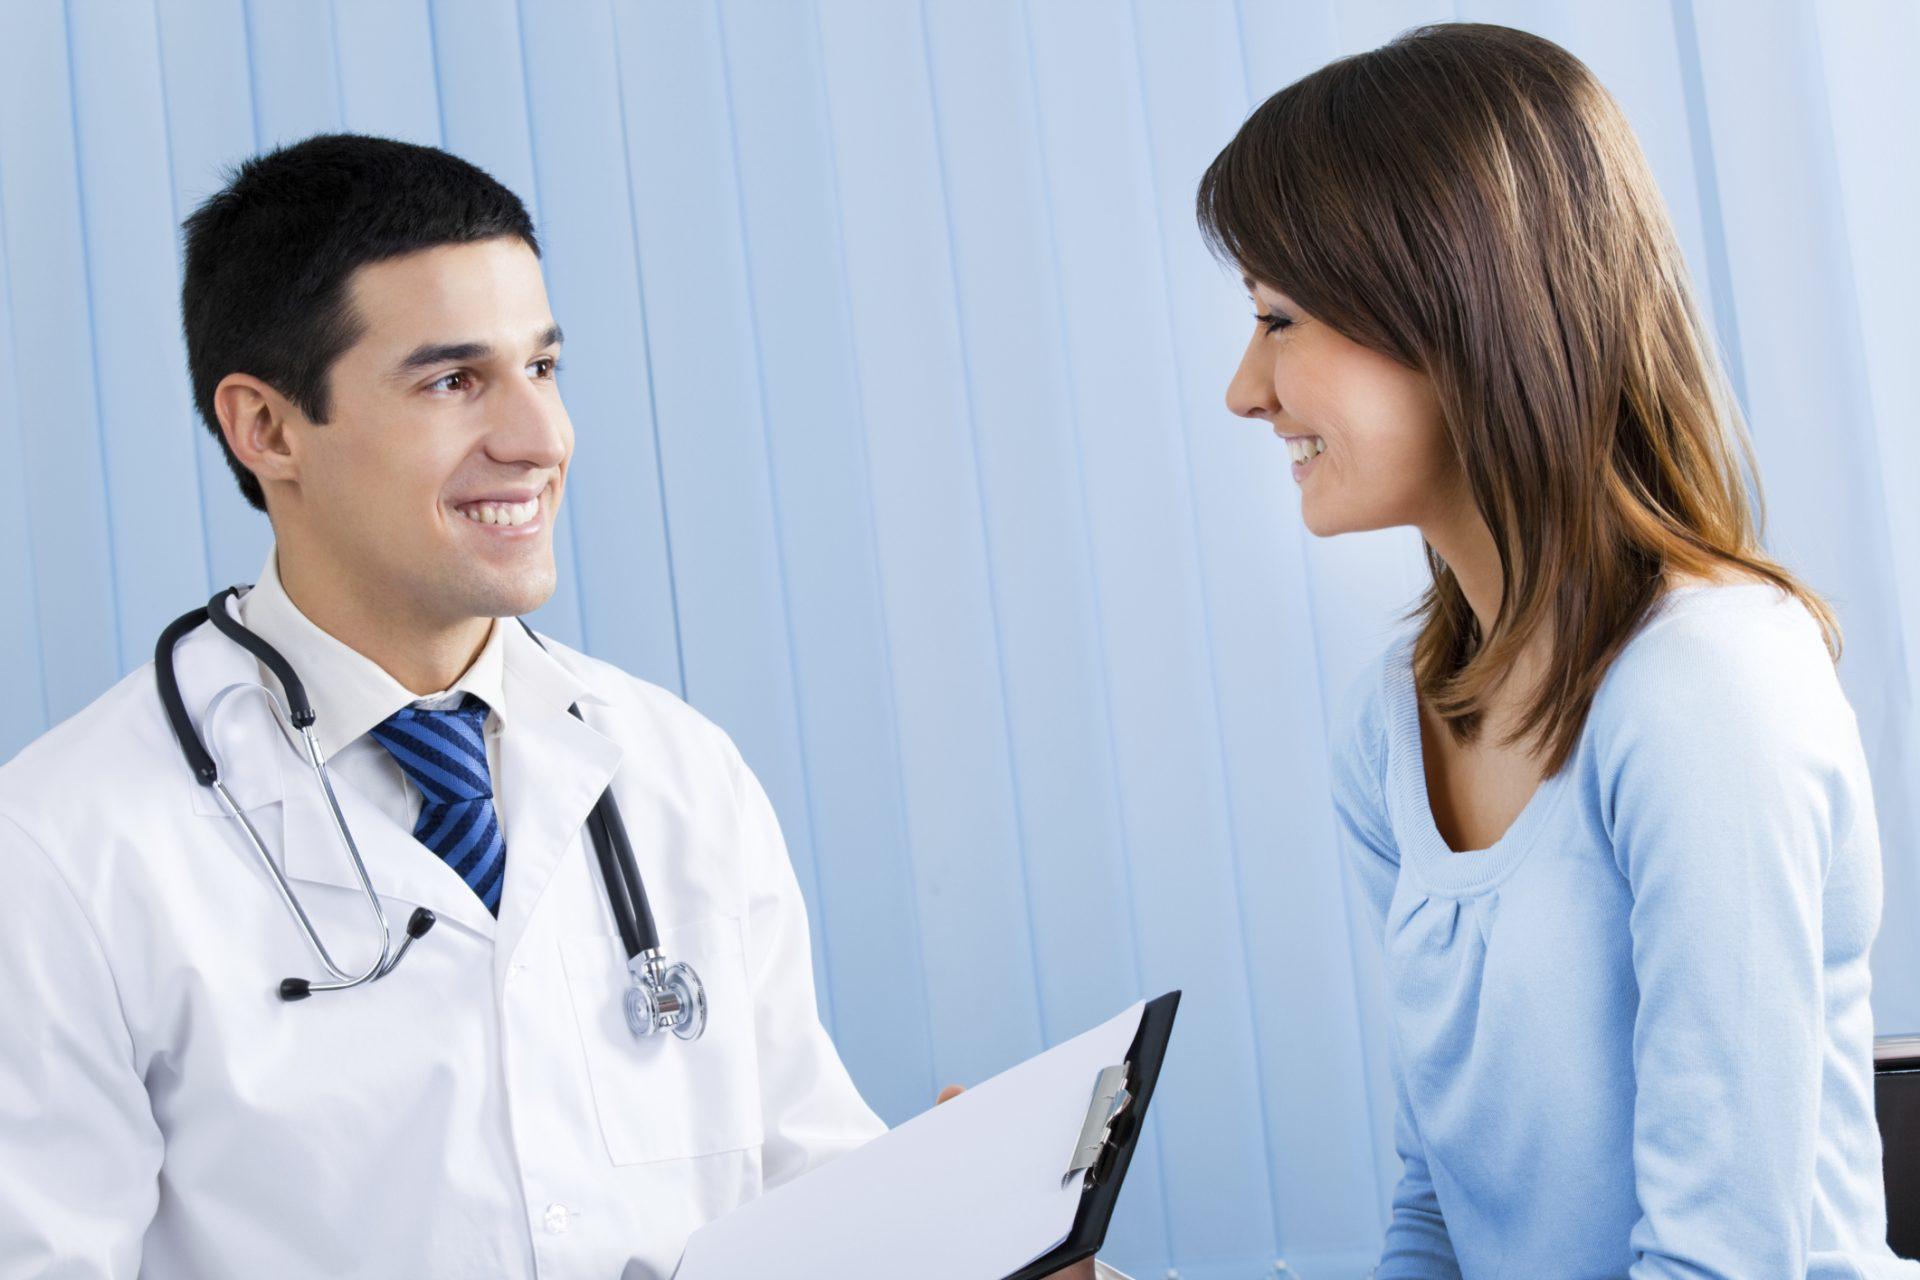 грудь злая доктор и ее пациентка даже придётся для